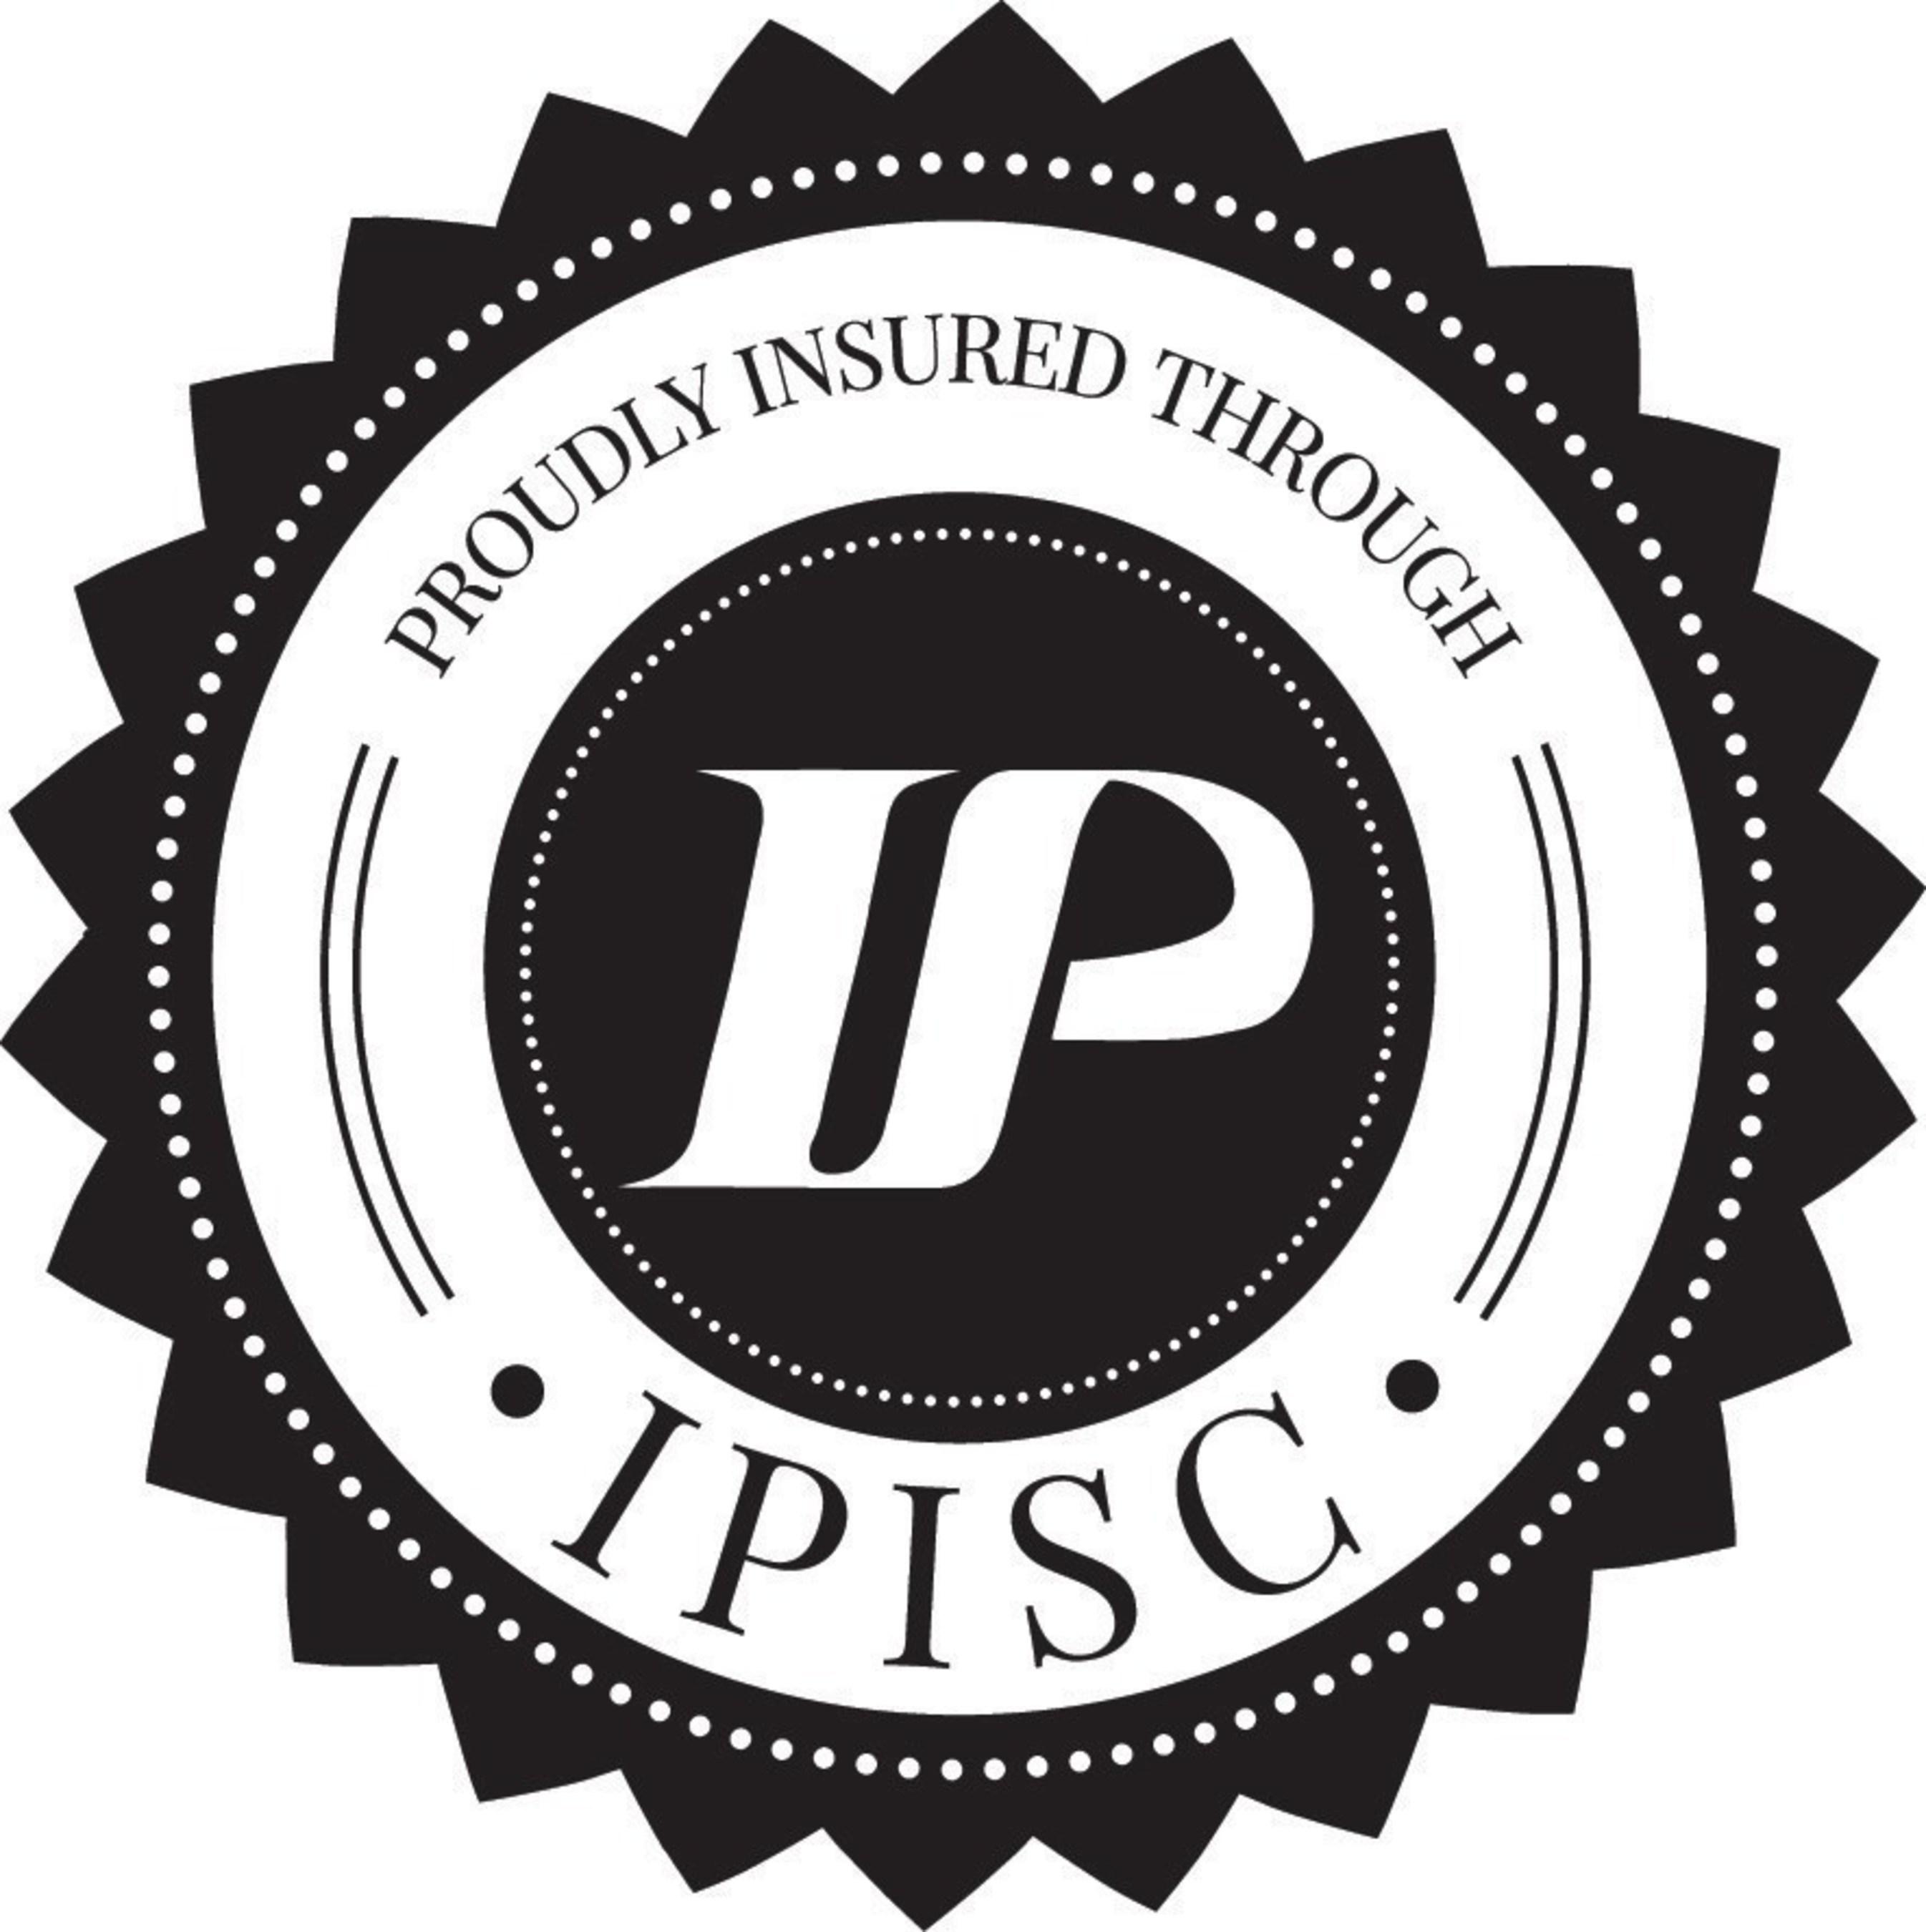 IPISC Seal